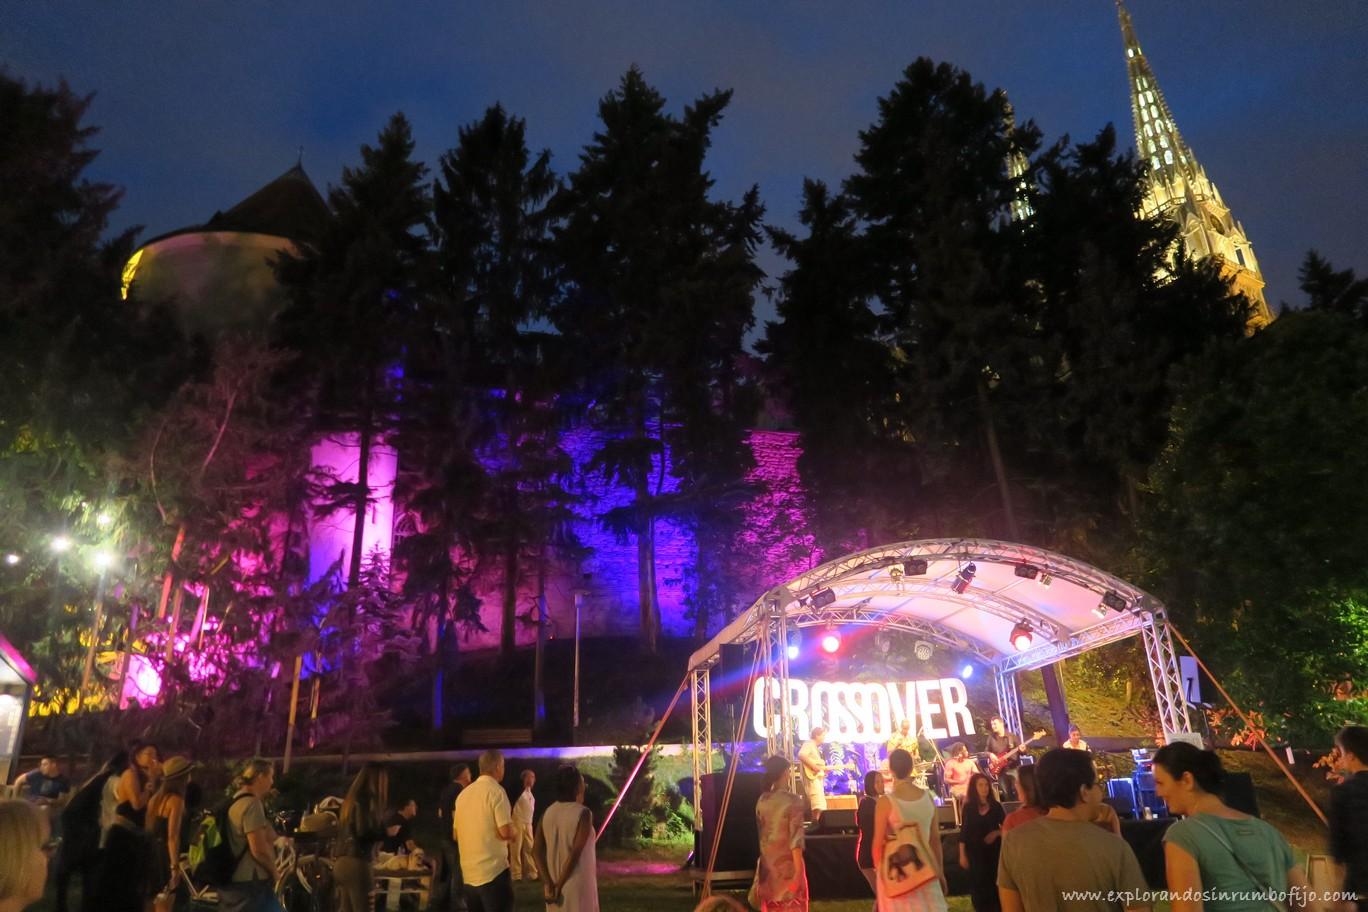 Crossover festival zagreb